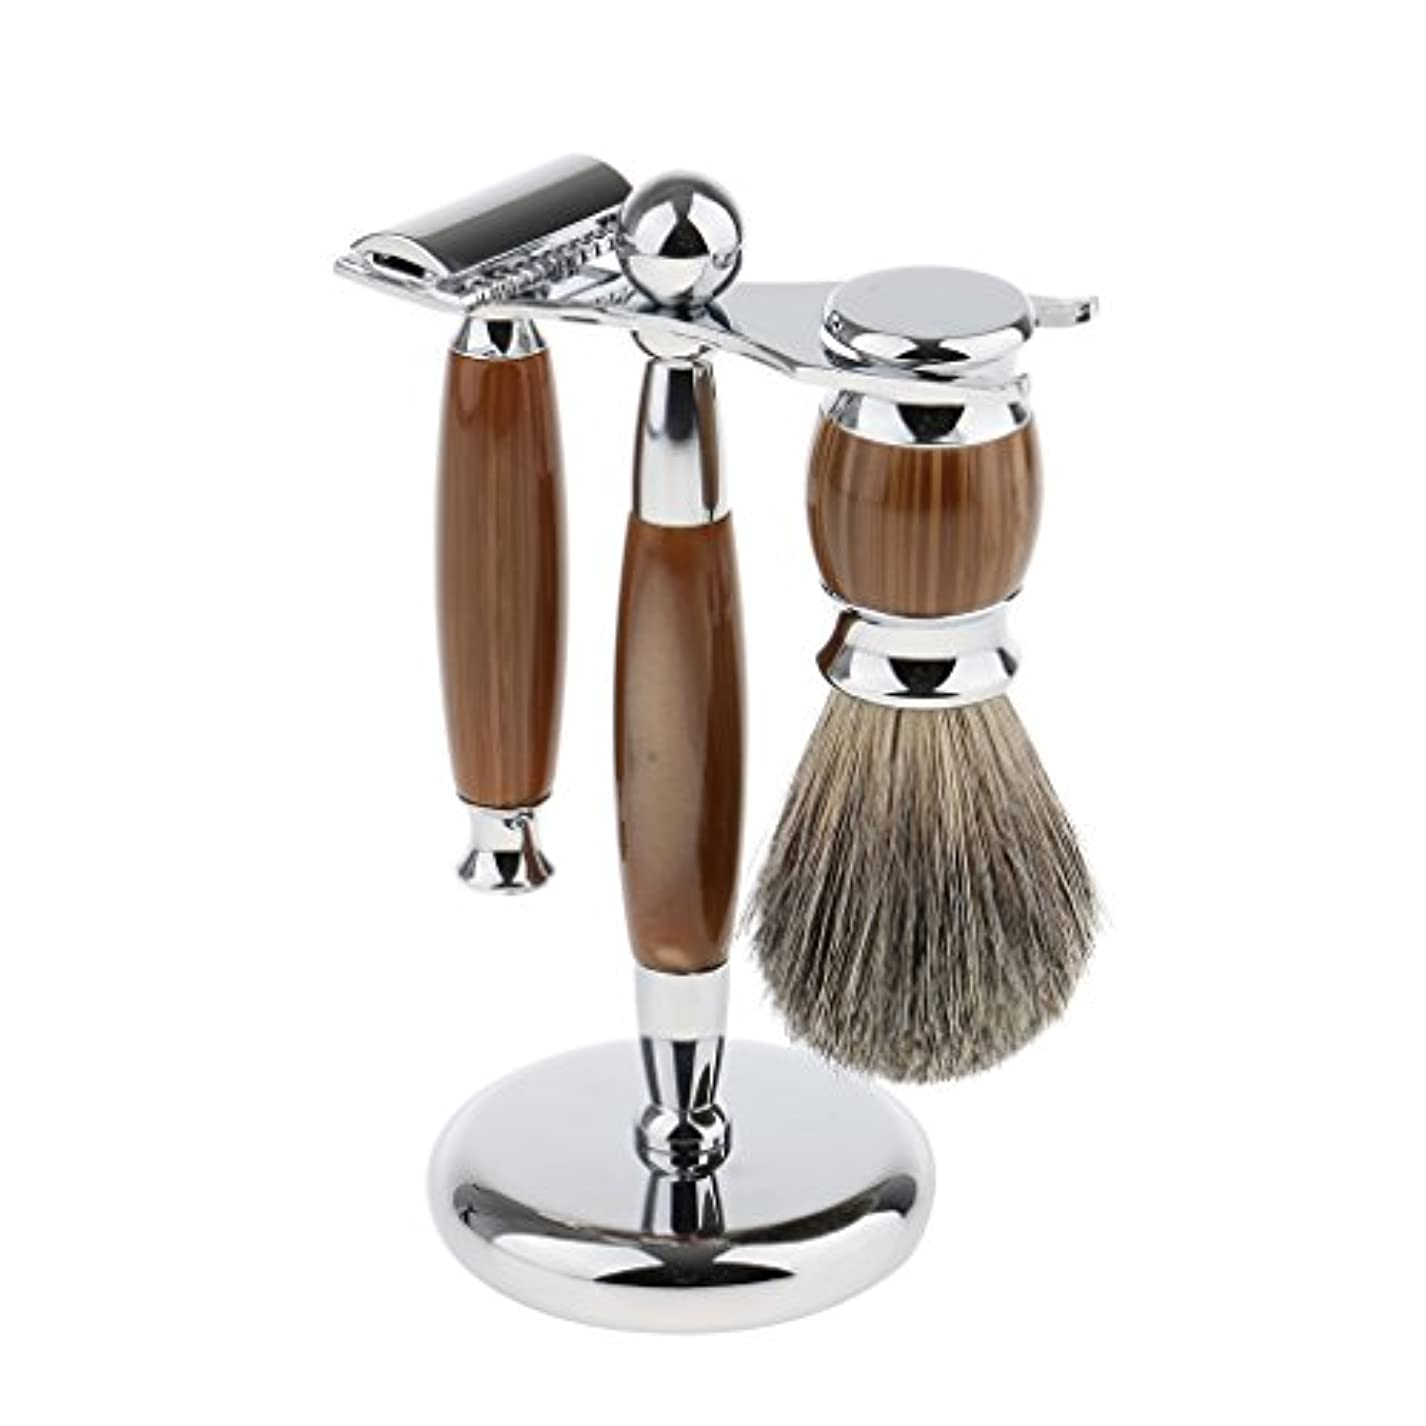 はず警察署自殺Baoblaze 3点入り シェービング スタンド ブラシ マニュアル ダブルエッジ 髭剃り メイク レトロ プレゼント 3色選べ - タイプ3